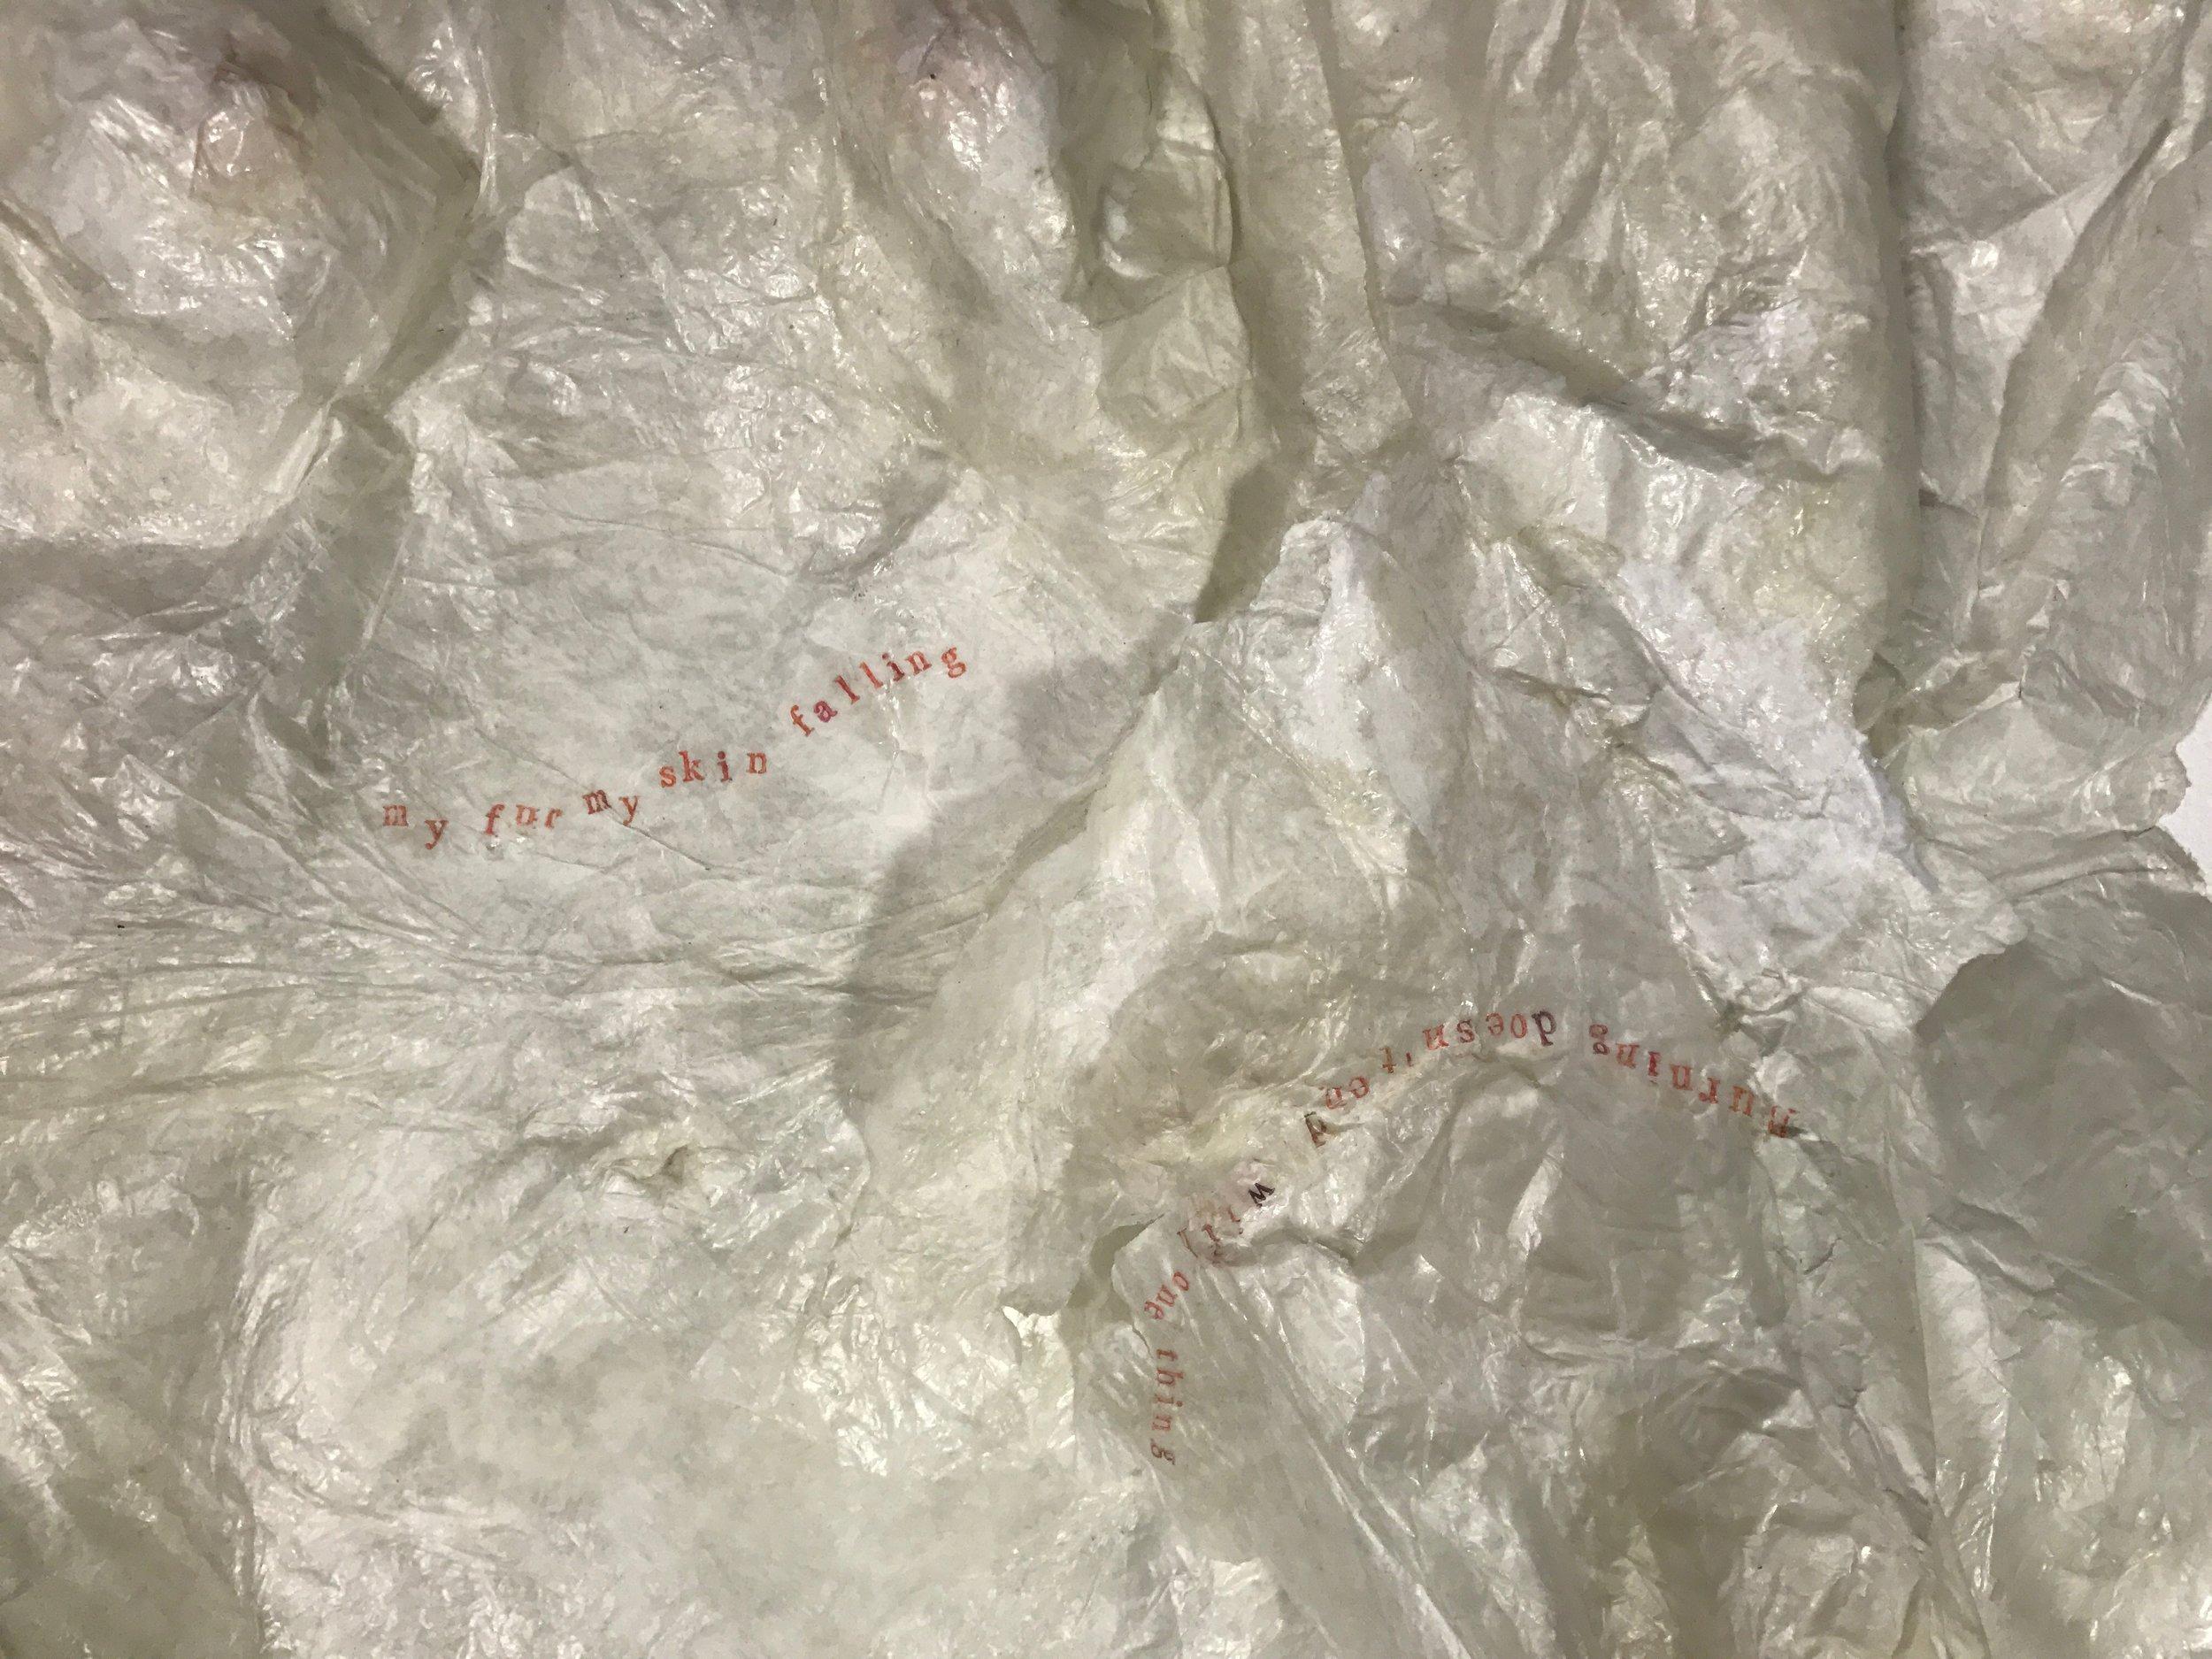 Paper Skin detail